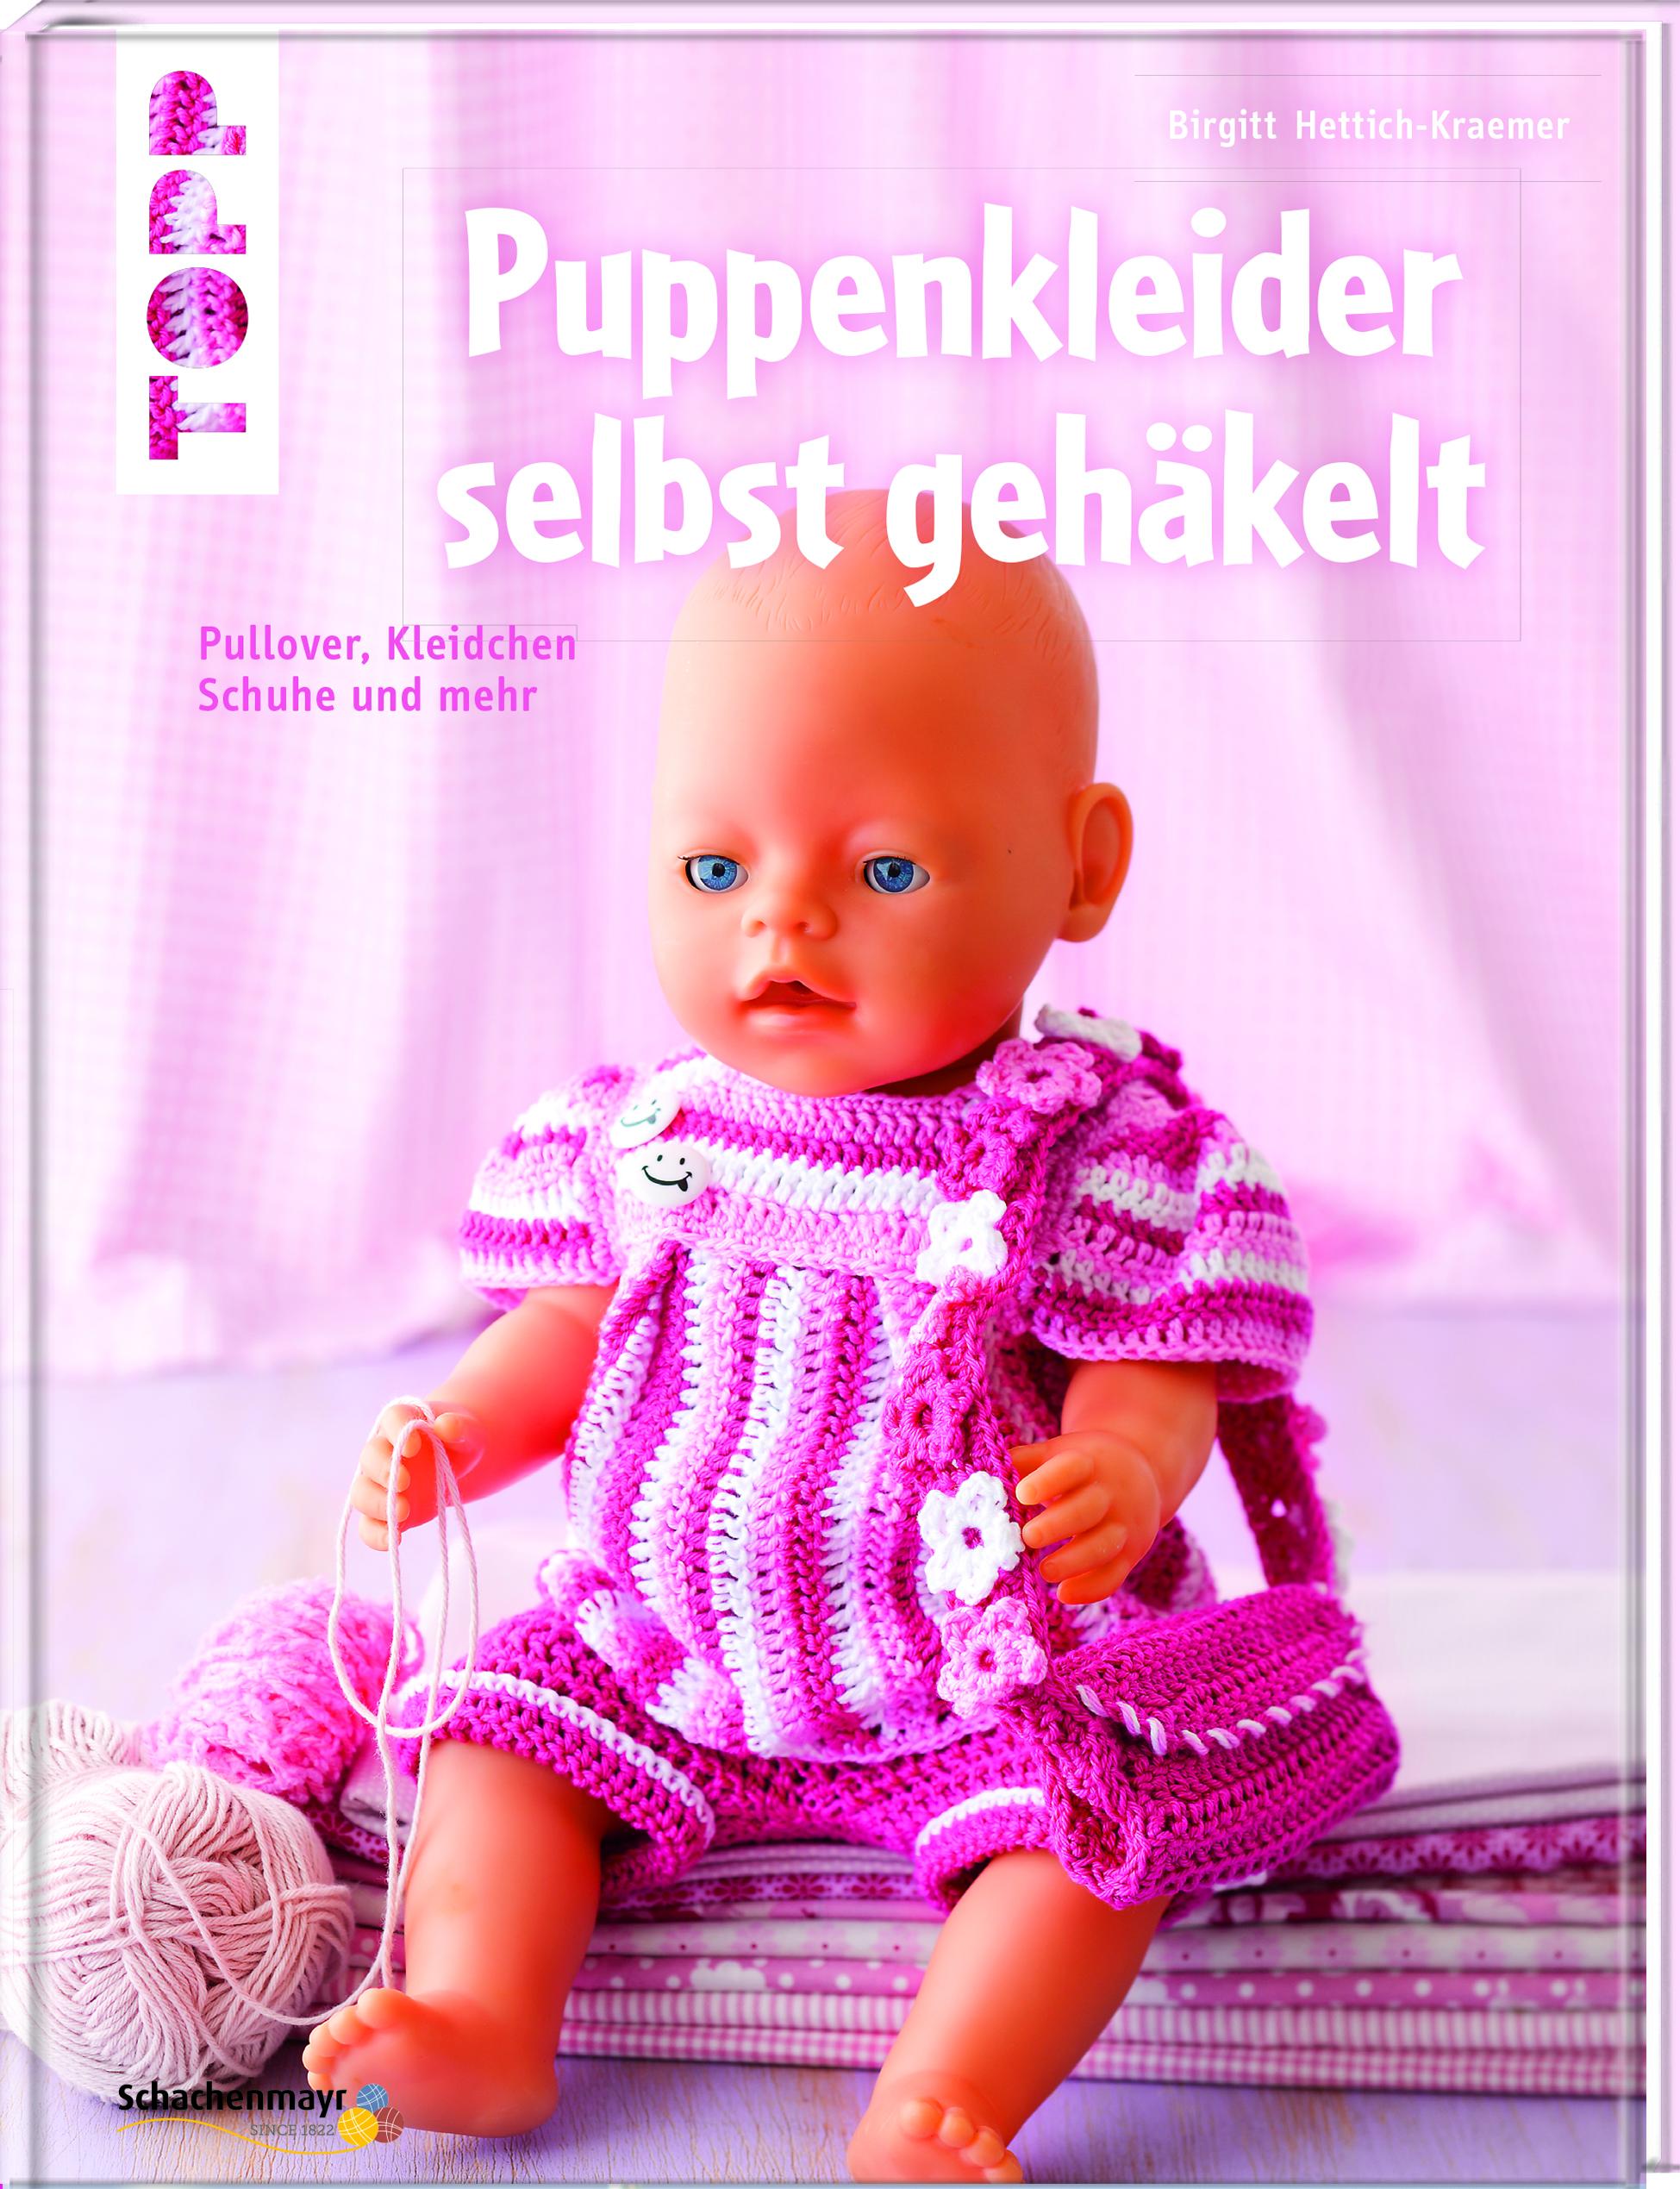 Puppenkleider Selbst Gehäkelt Häkeln Topp Kreativde